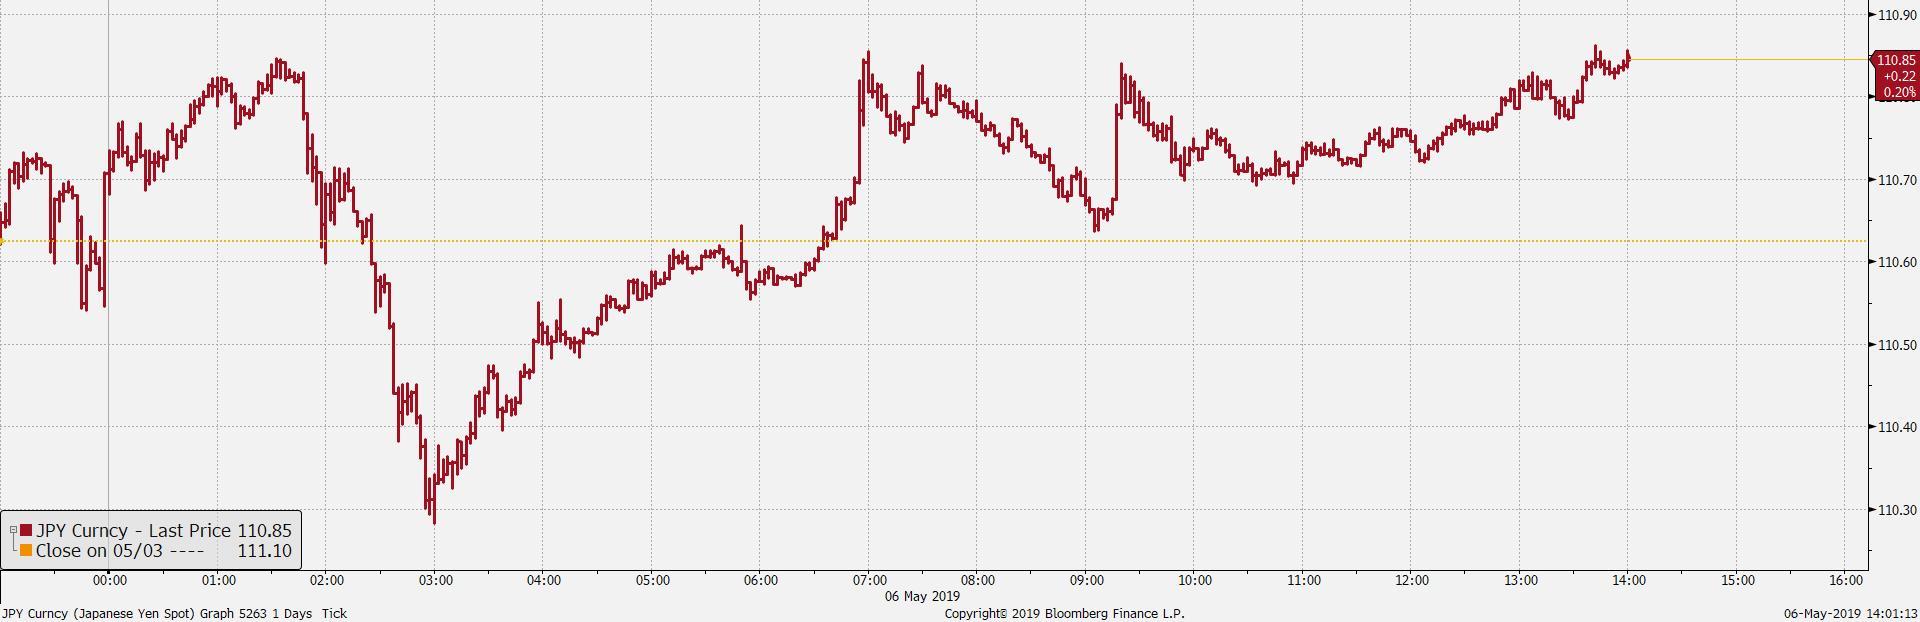 Wykres tickowy USD/JPY. Źródło: Bloomberg